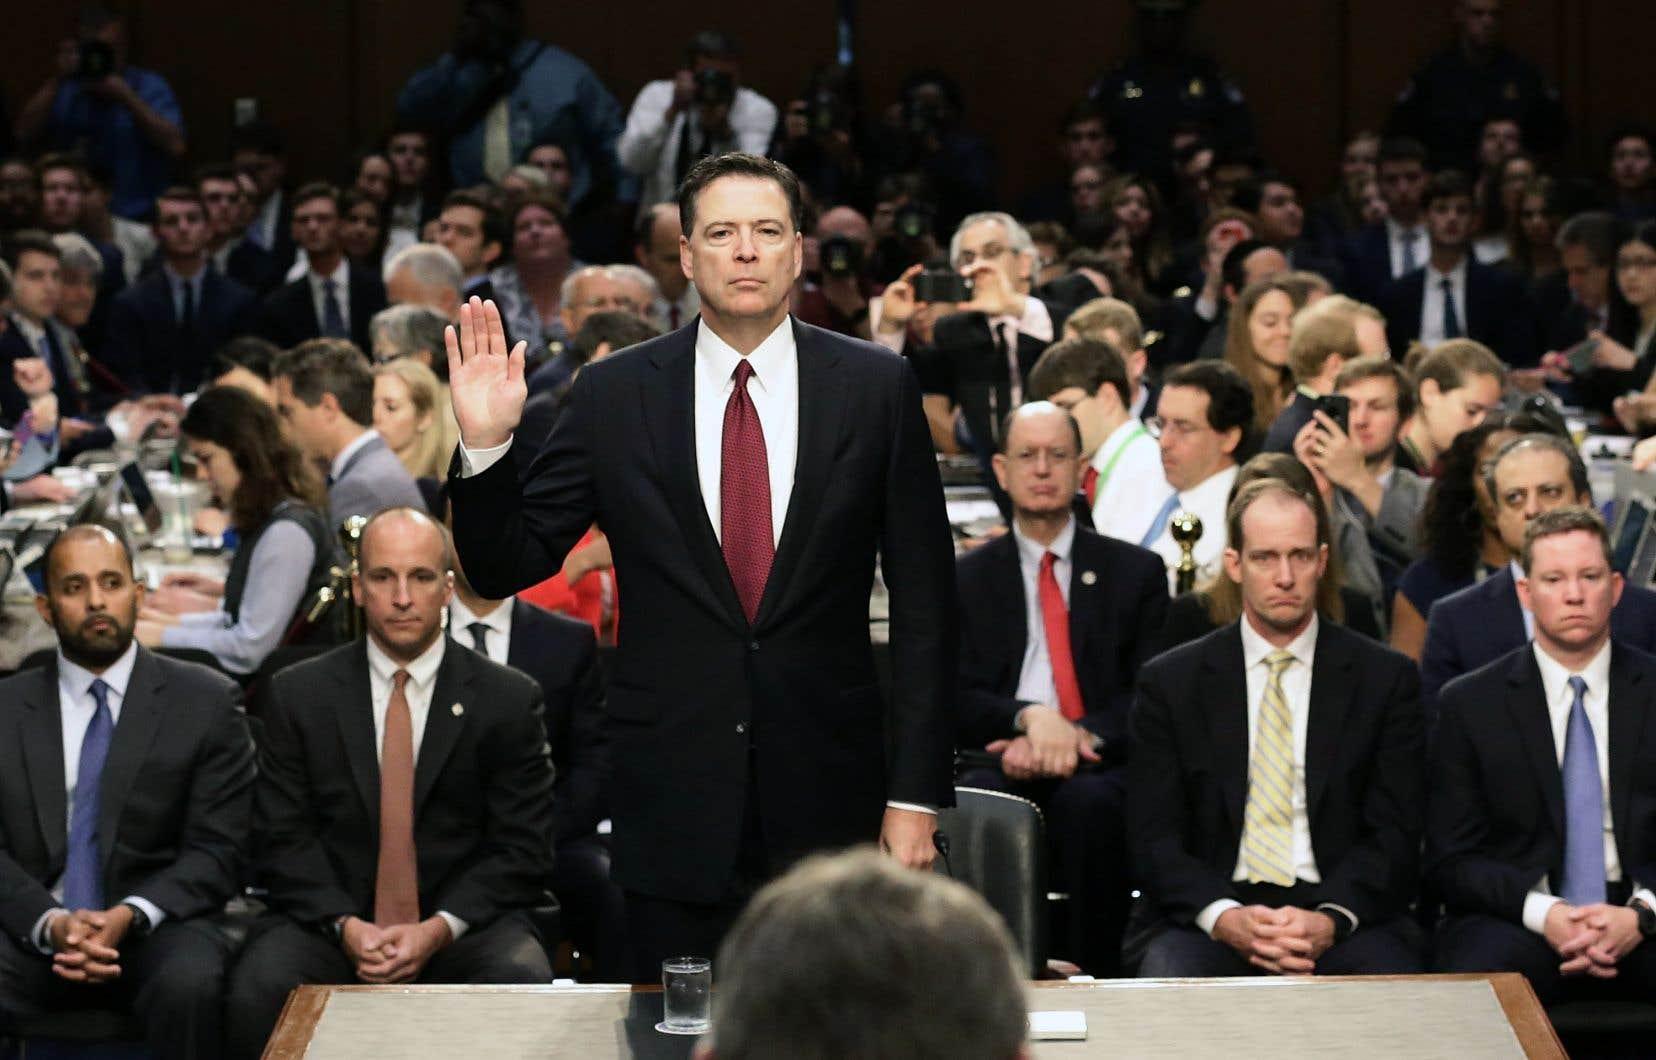 L'ex-patron du FBI James Comey dresse le portrait d'un président à l'attitude mafieuse.